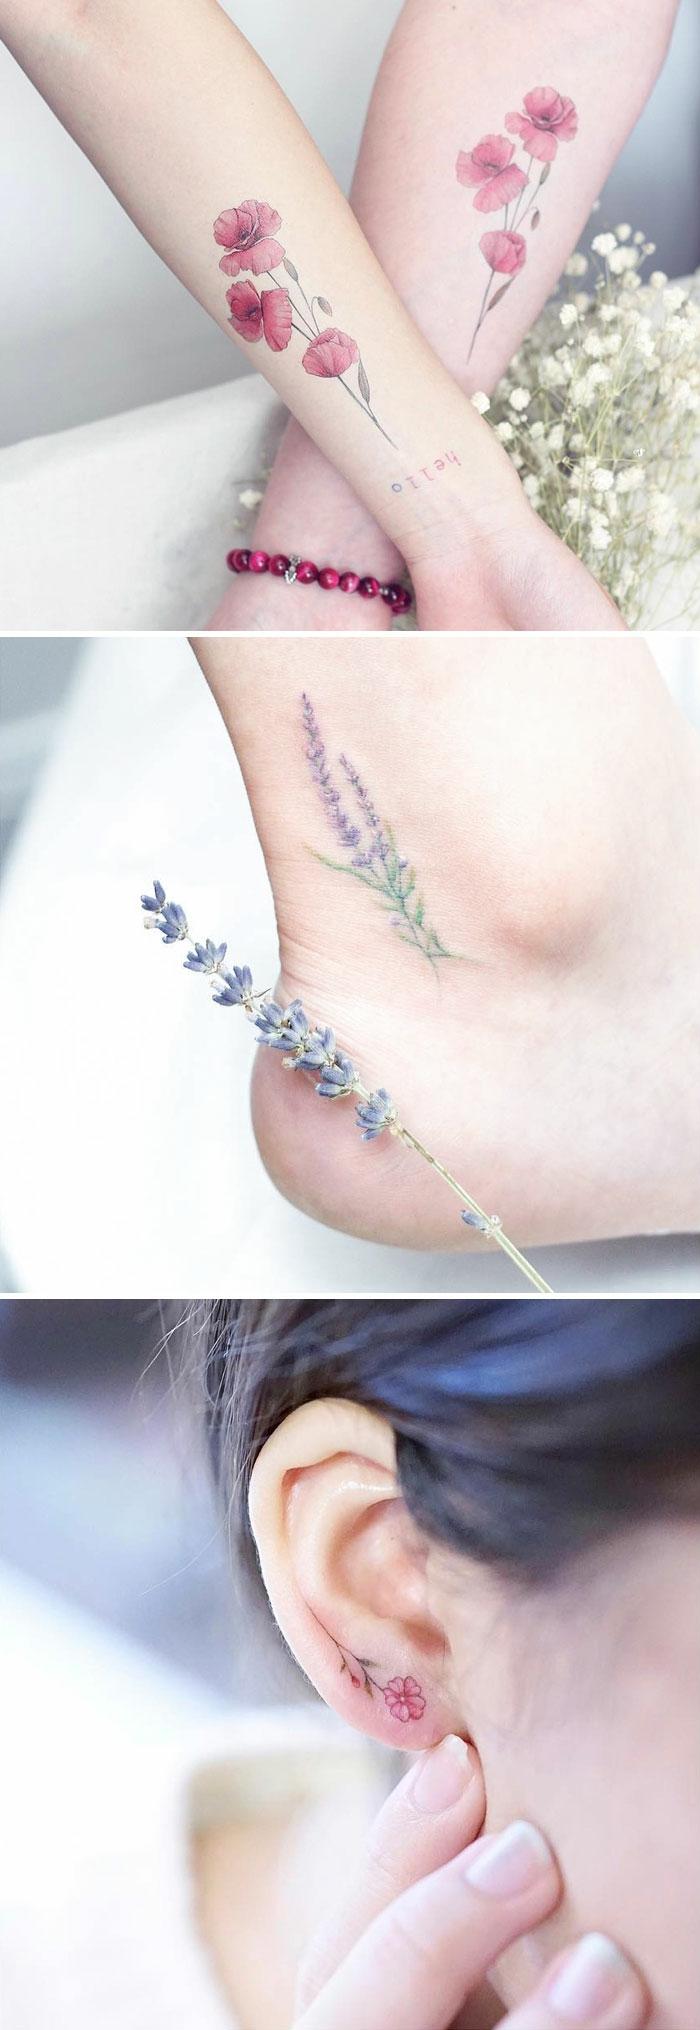 Frau ranke unterarm tattoo Unterarm Tattoo